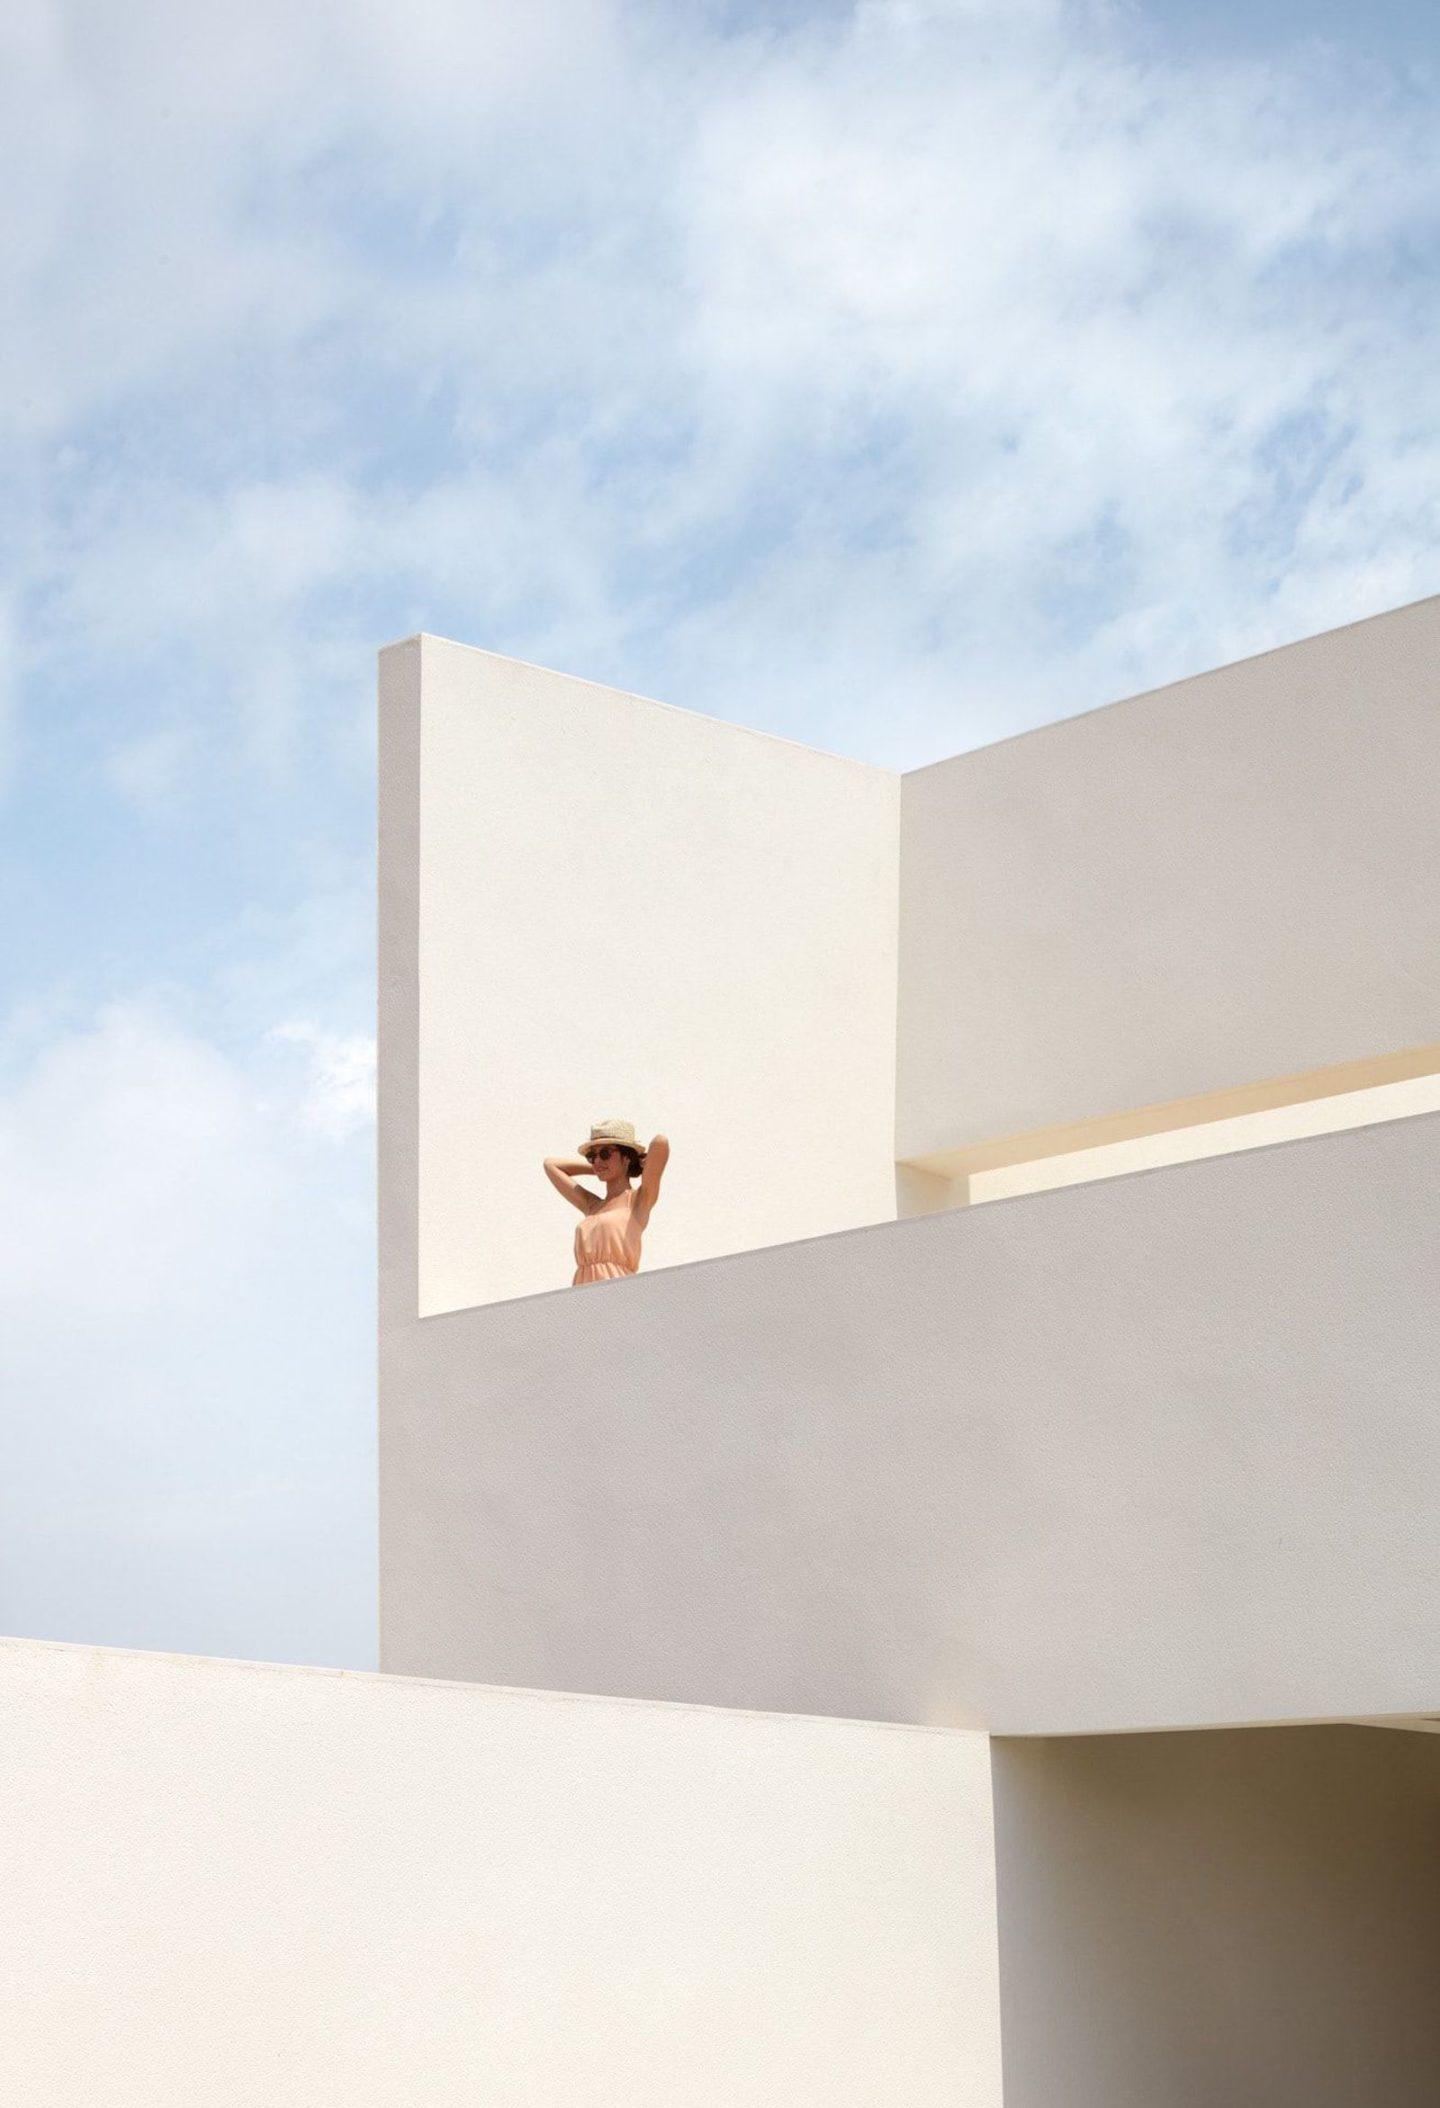 lGNANT-Architecture-Balzar-Arquitectos-Mirasal-005